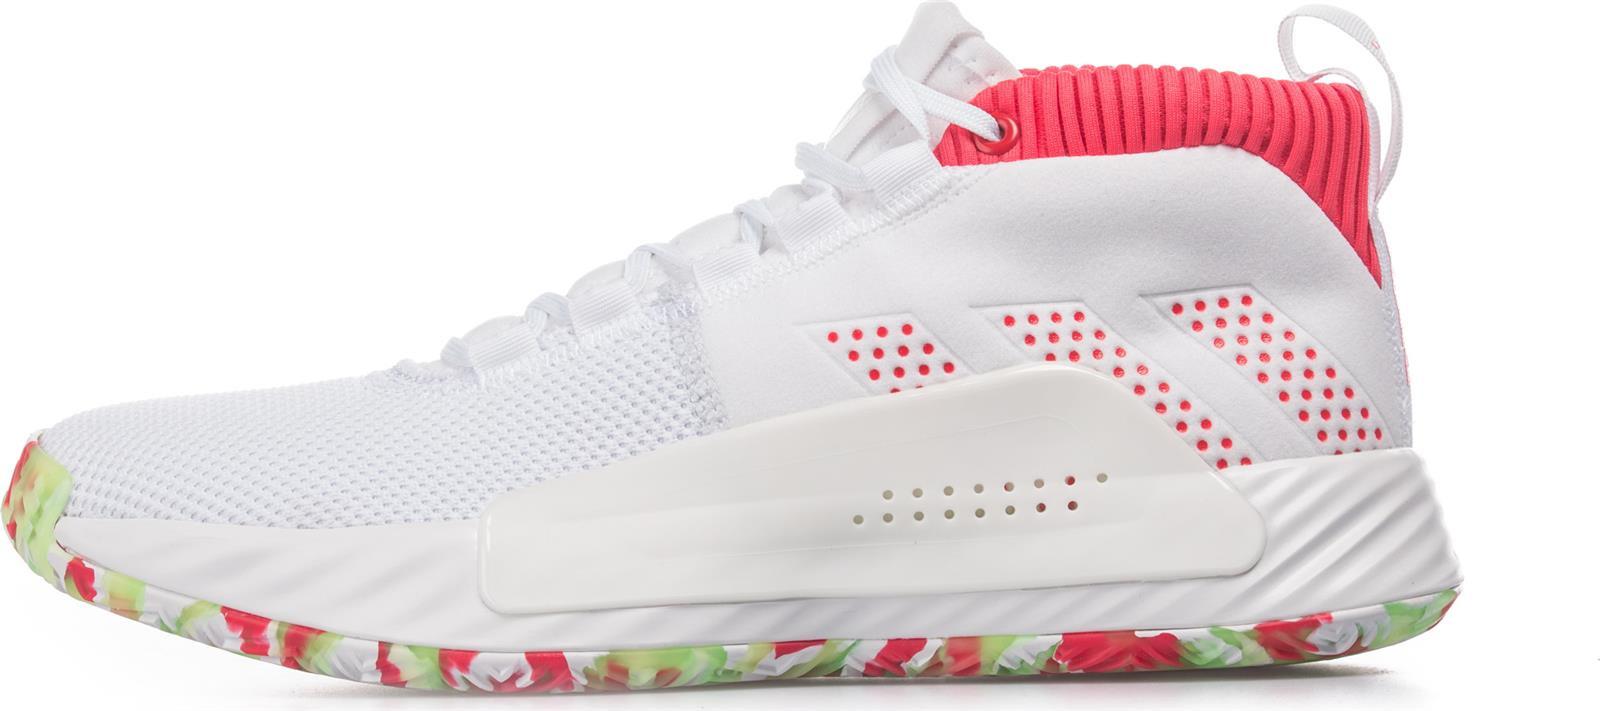 Кроссовки adidas Dame 5 кроссовки детские adidas цвет персиковый ah2616 размер 4 5 36